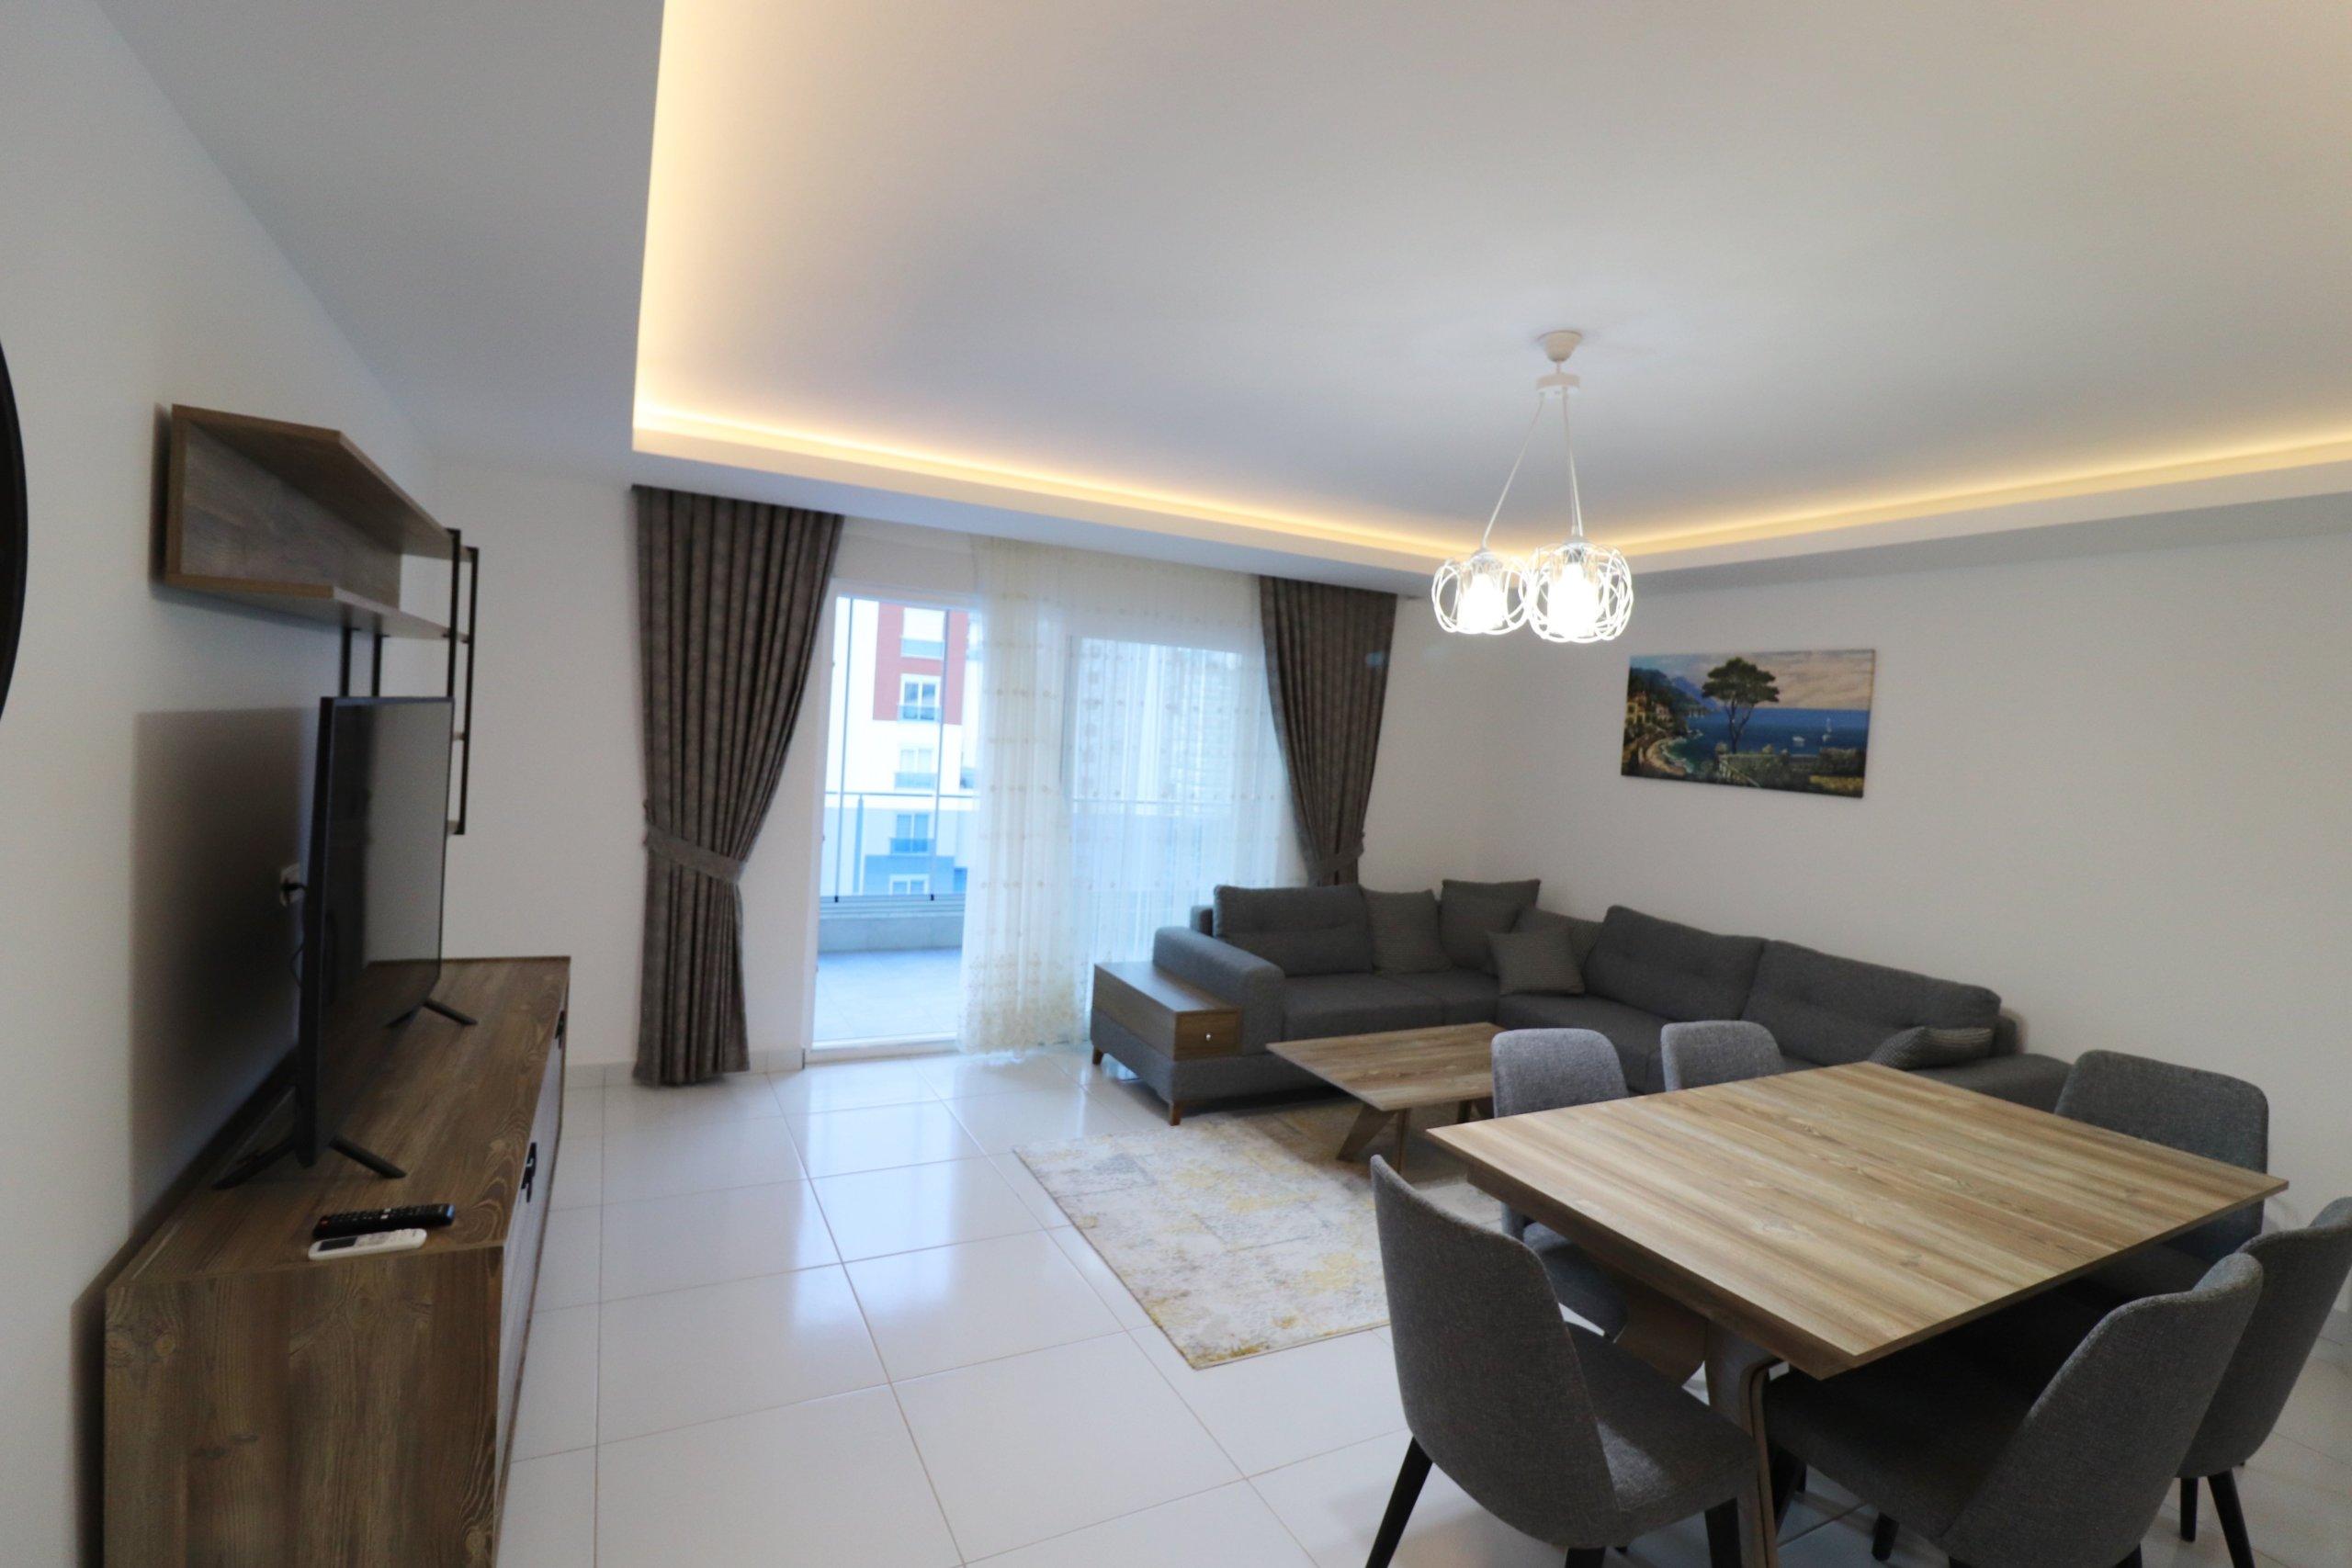 Алания Махмутлар трехкомнатная меблированная квартира в аренду на берегу моря